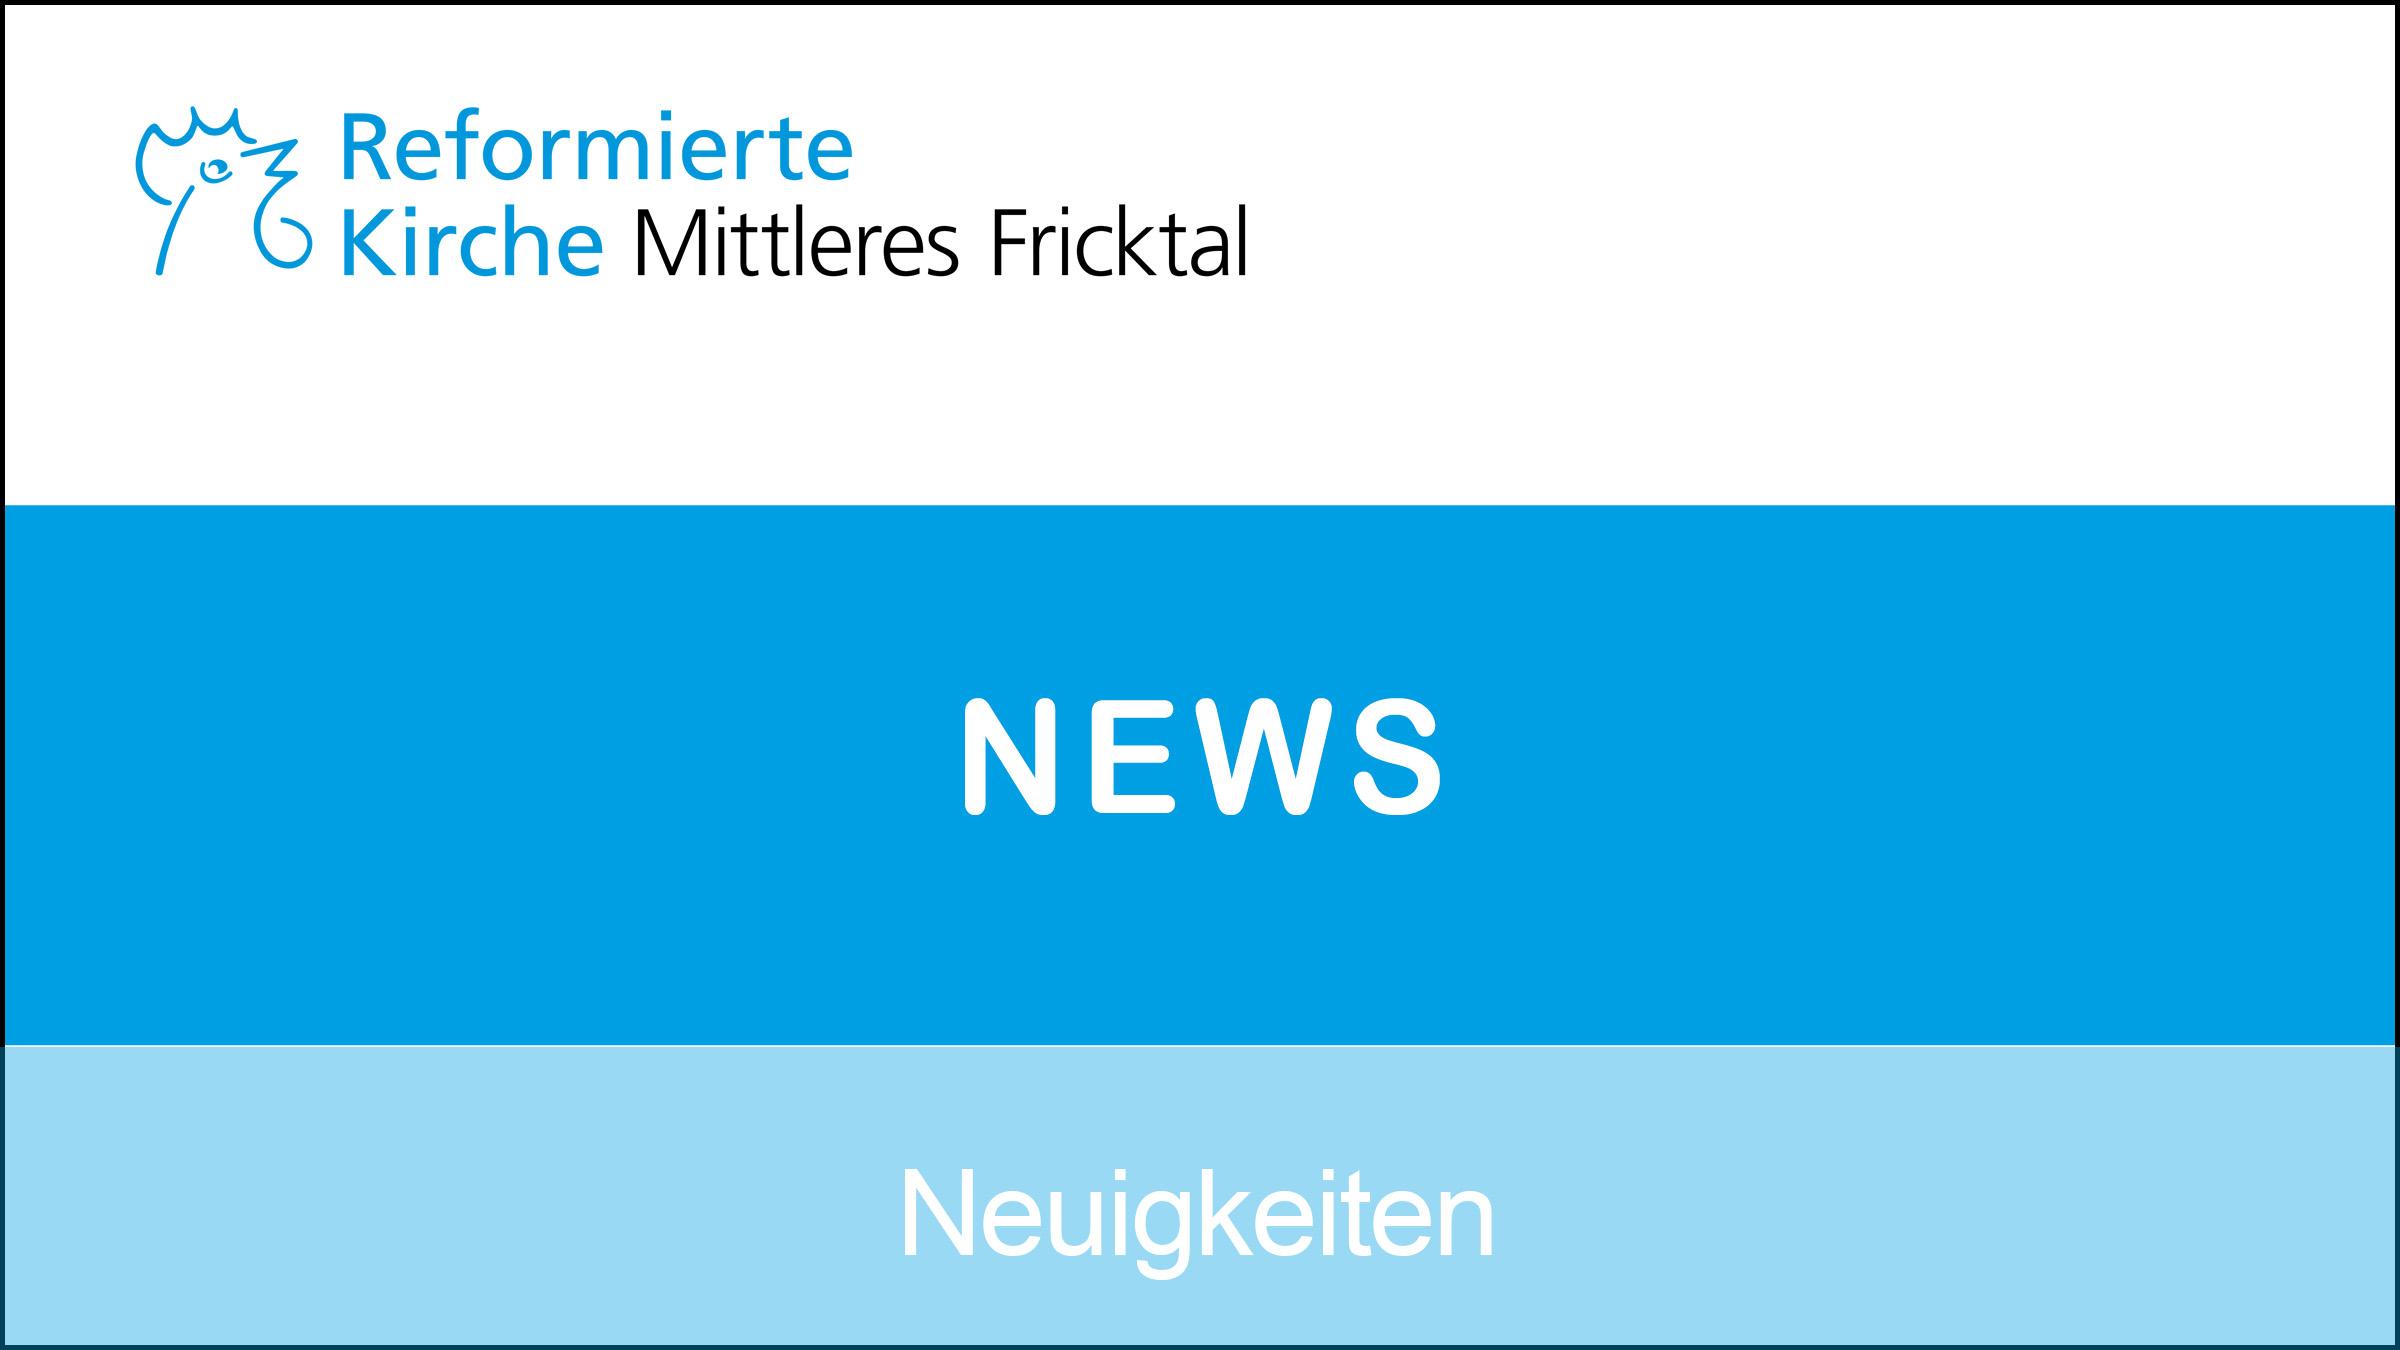 News der Reformierten Kirche Mittleres Fricktal